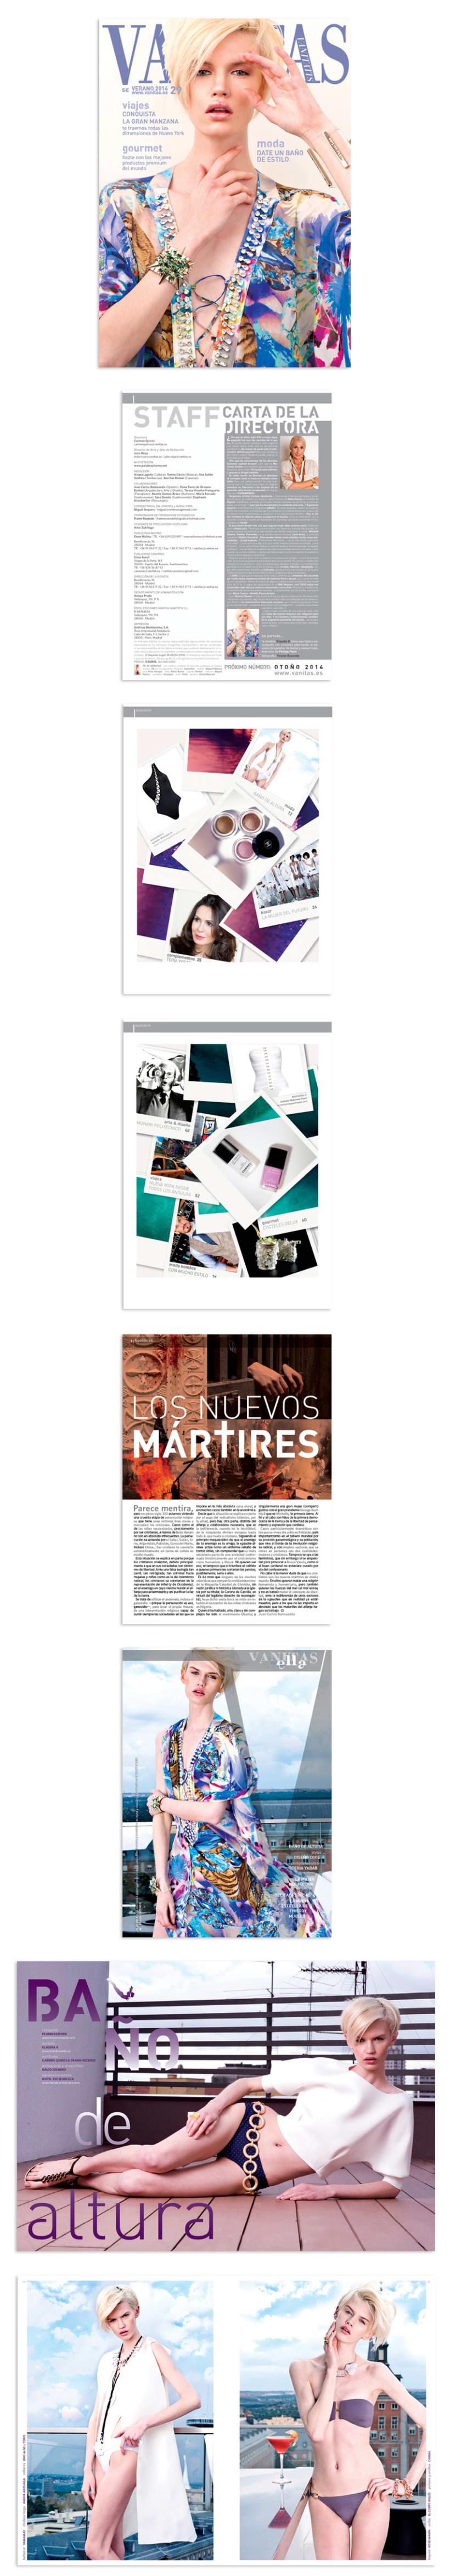 Diseño y Maquetación :: Editorial Design & Layout  1